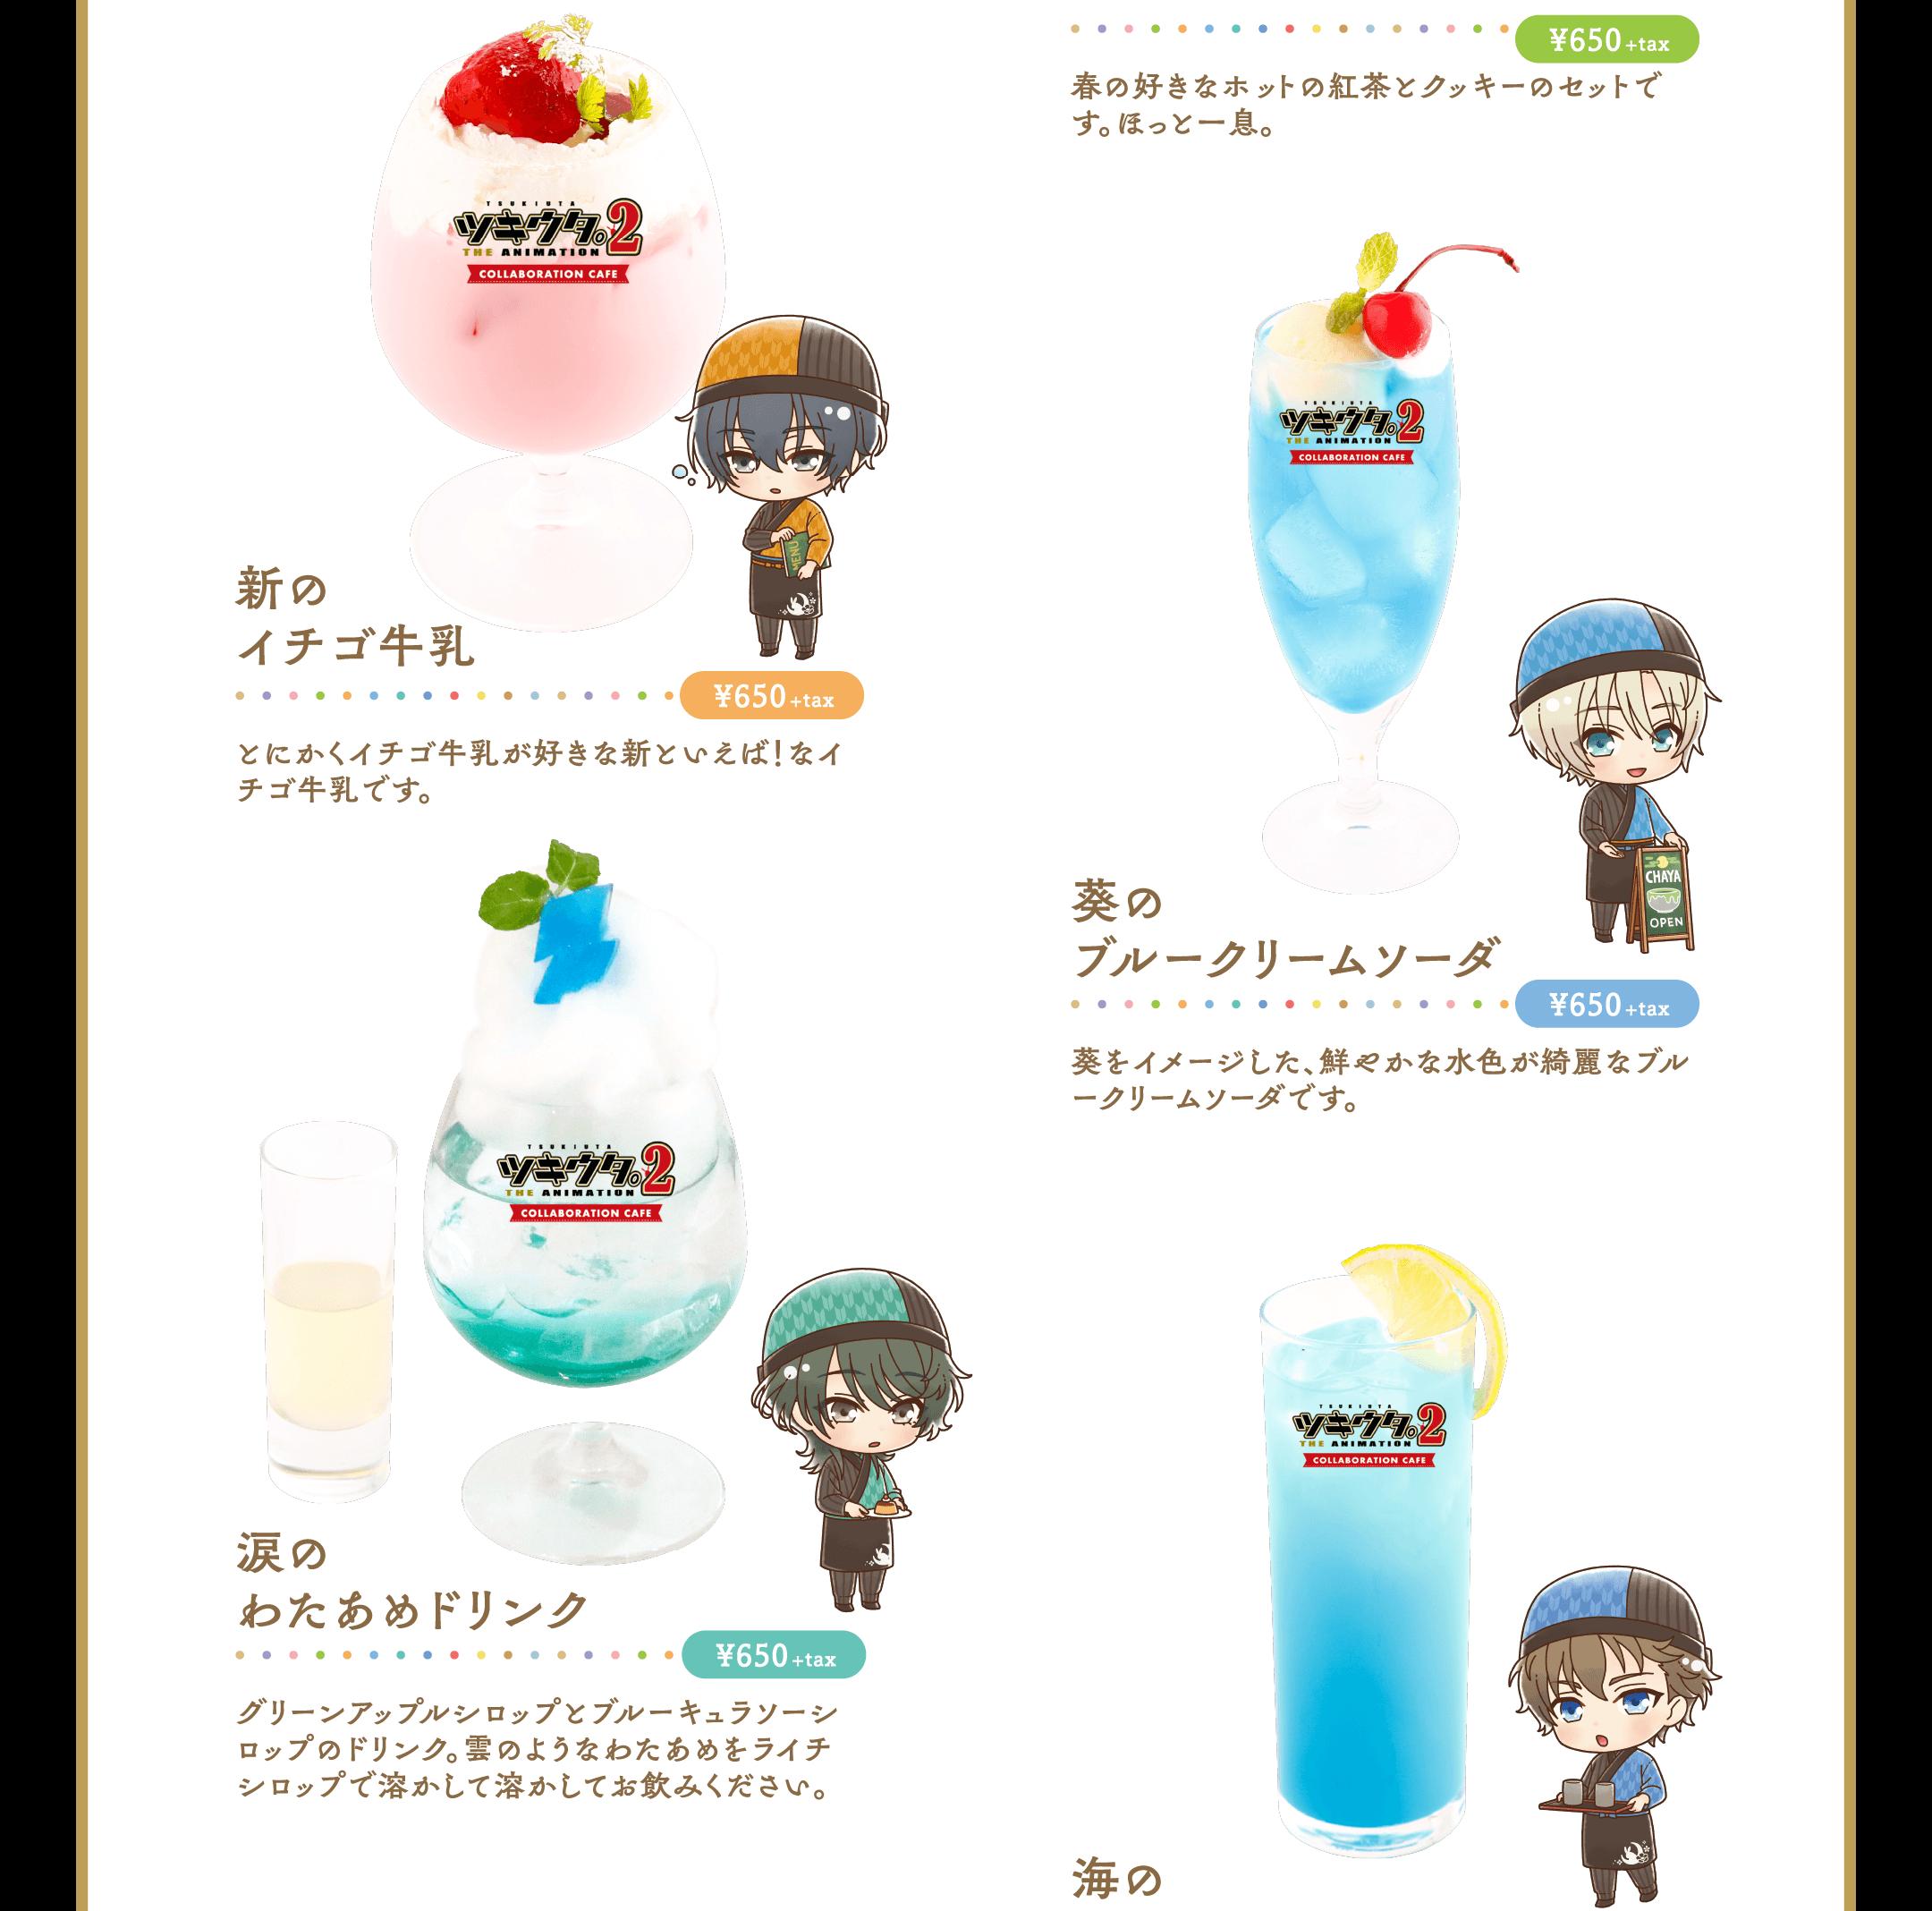 TVアニメ「ツキウタ。THE ANIMATION 2」×「アニぱらCAFE」ドリンクメニュー 新・葵・涙・海